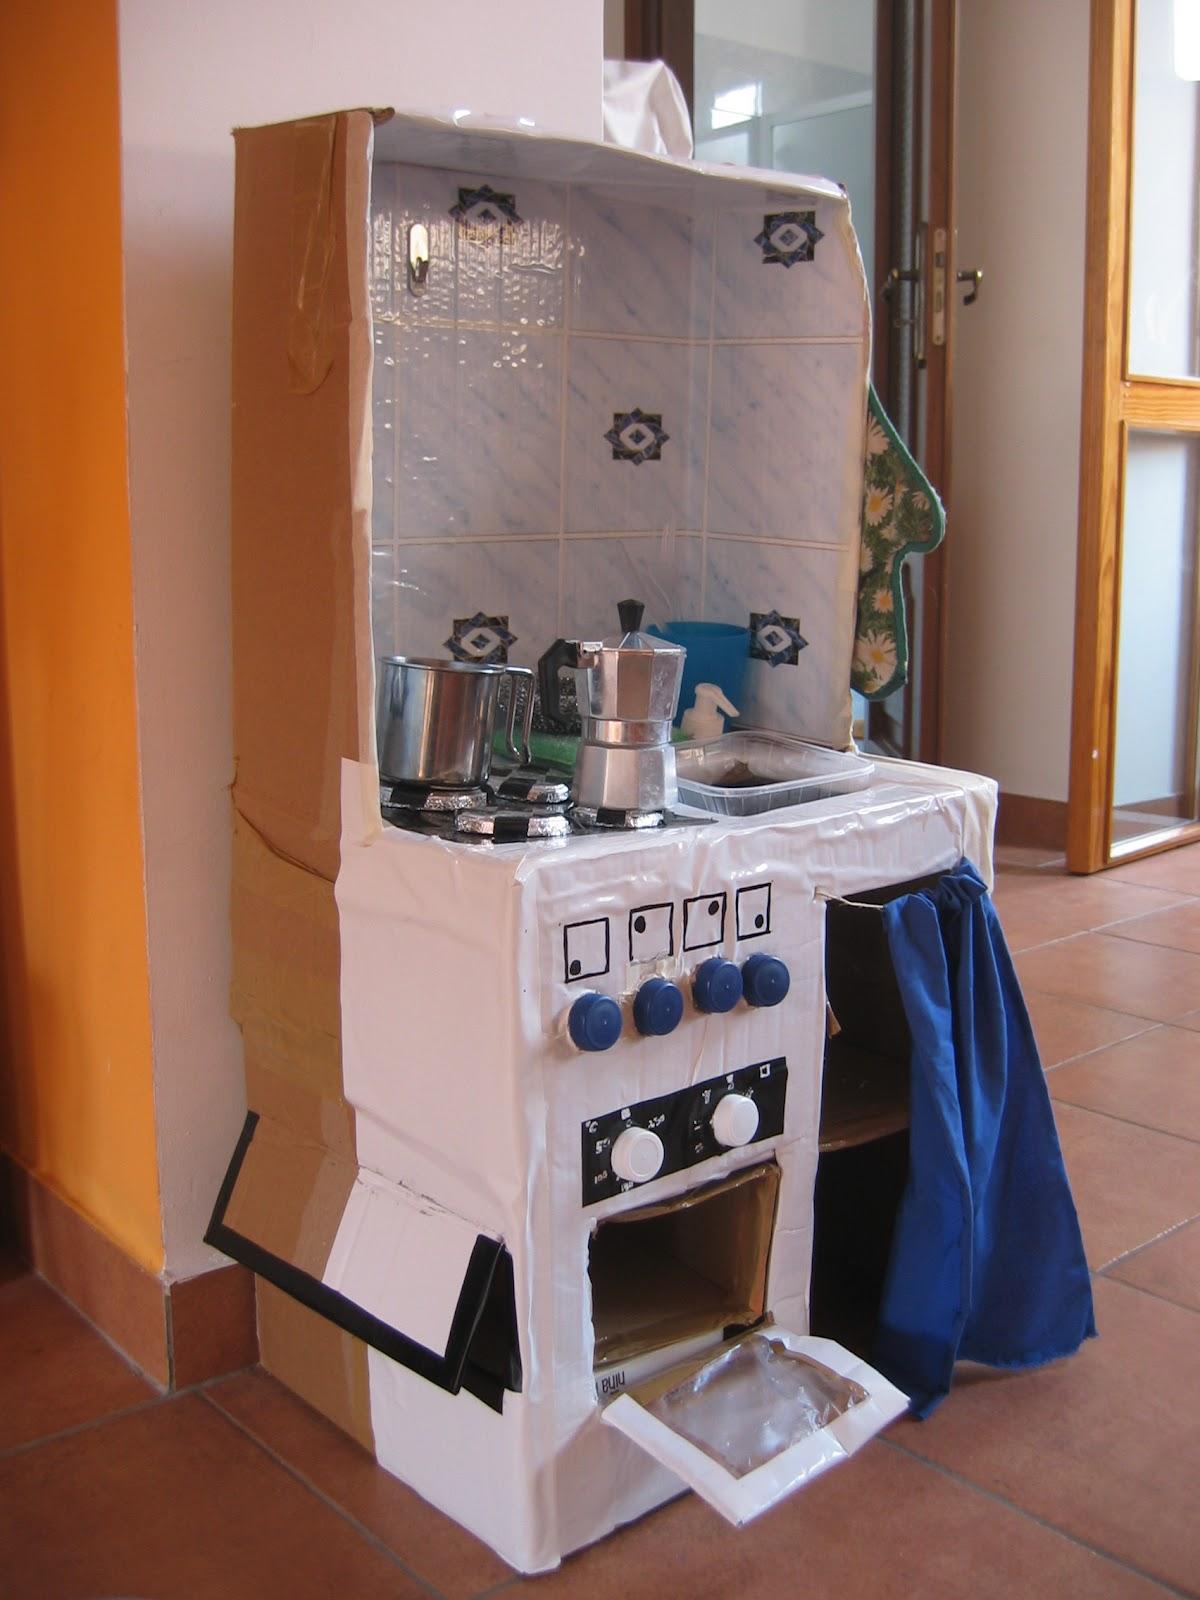 Coccole e nuvole cucina in cartone - Cucina fai da te ...